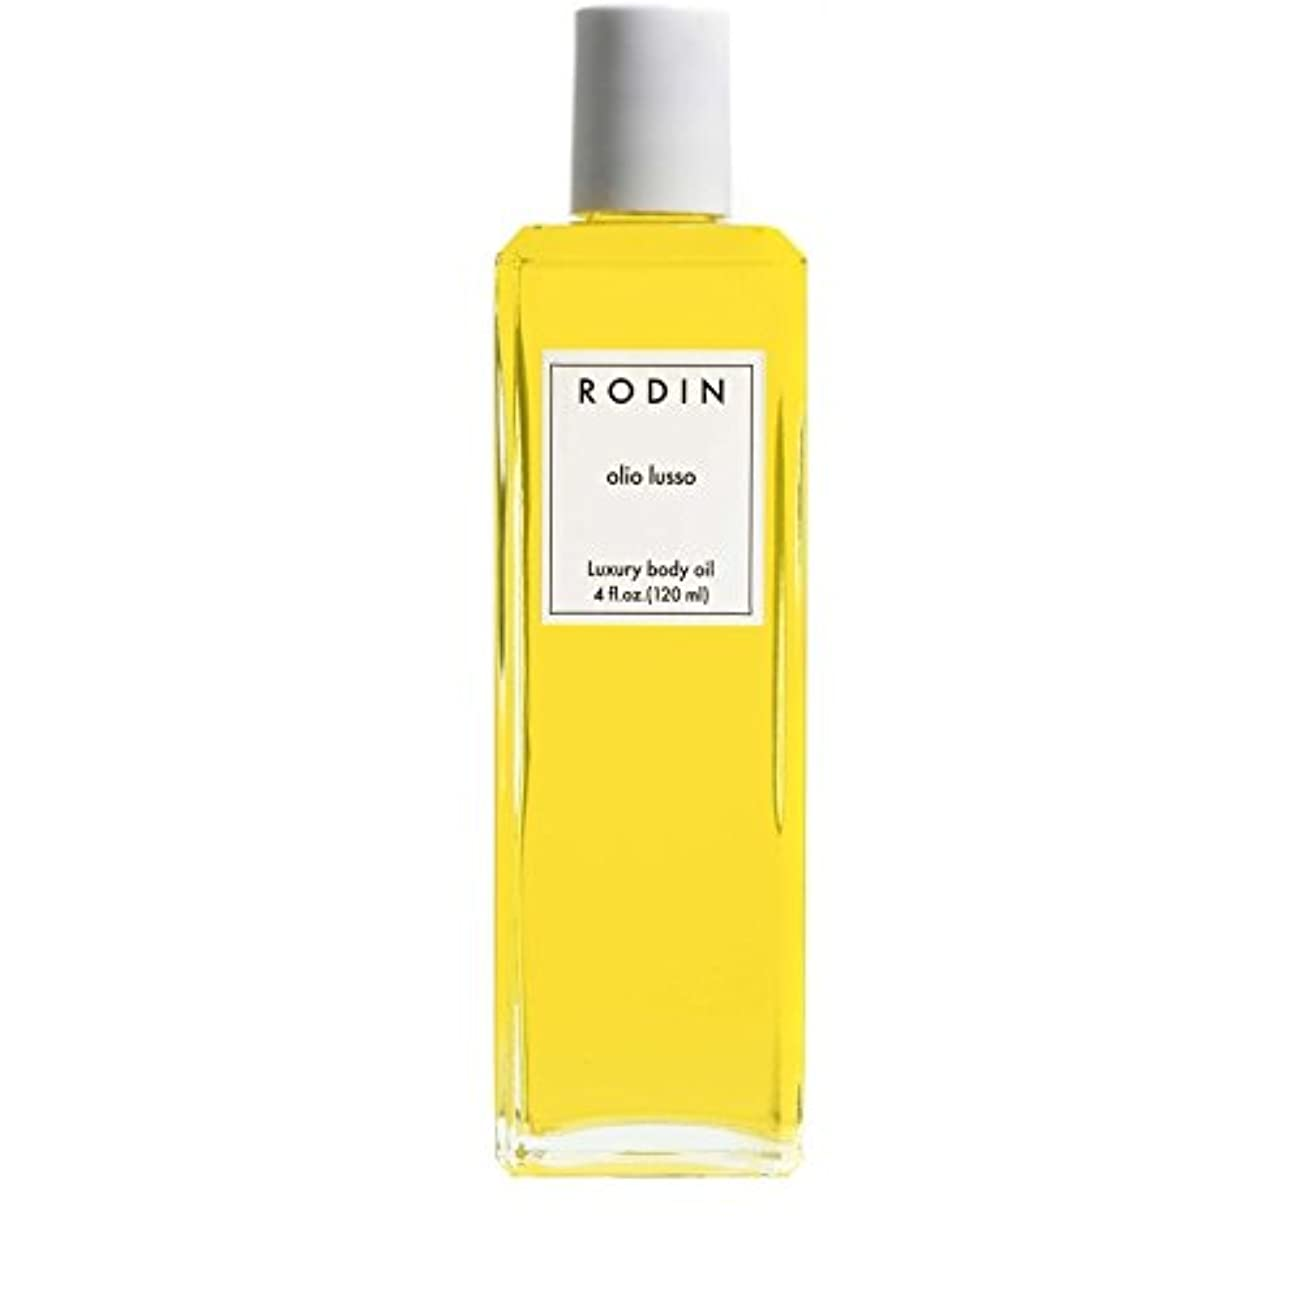 絶縁する登場面倒RODIN olio lusso Jasmine & Neroli Luxury Body Oil 120ml - ロダンルッソジャスミン&ネロリ贅沢なボディオイル120ミリリットル [並行輸入品]